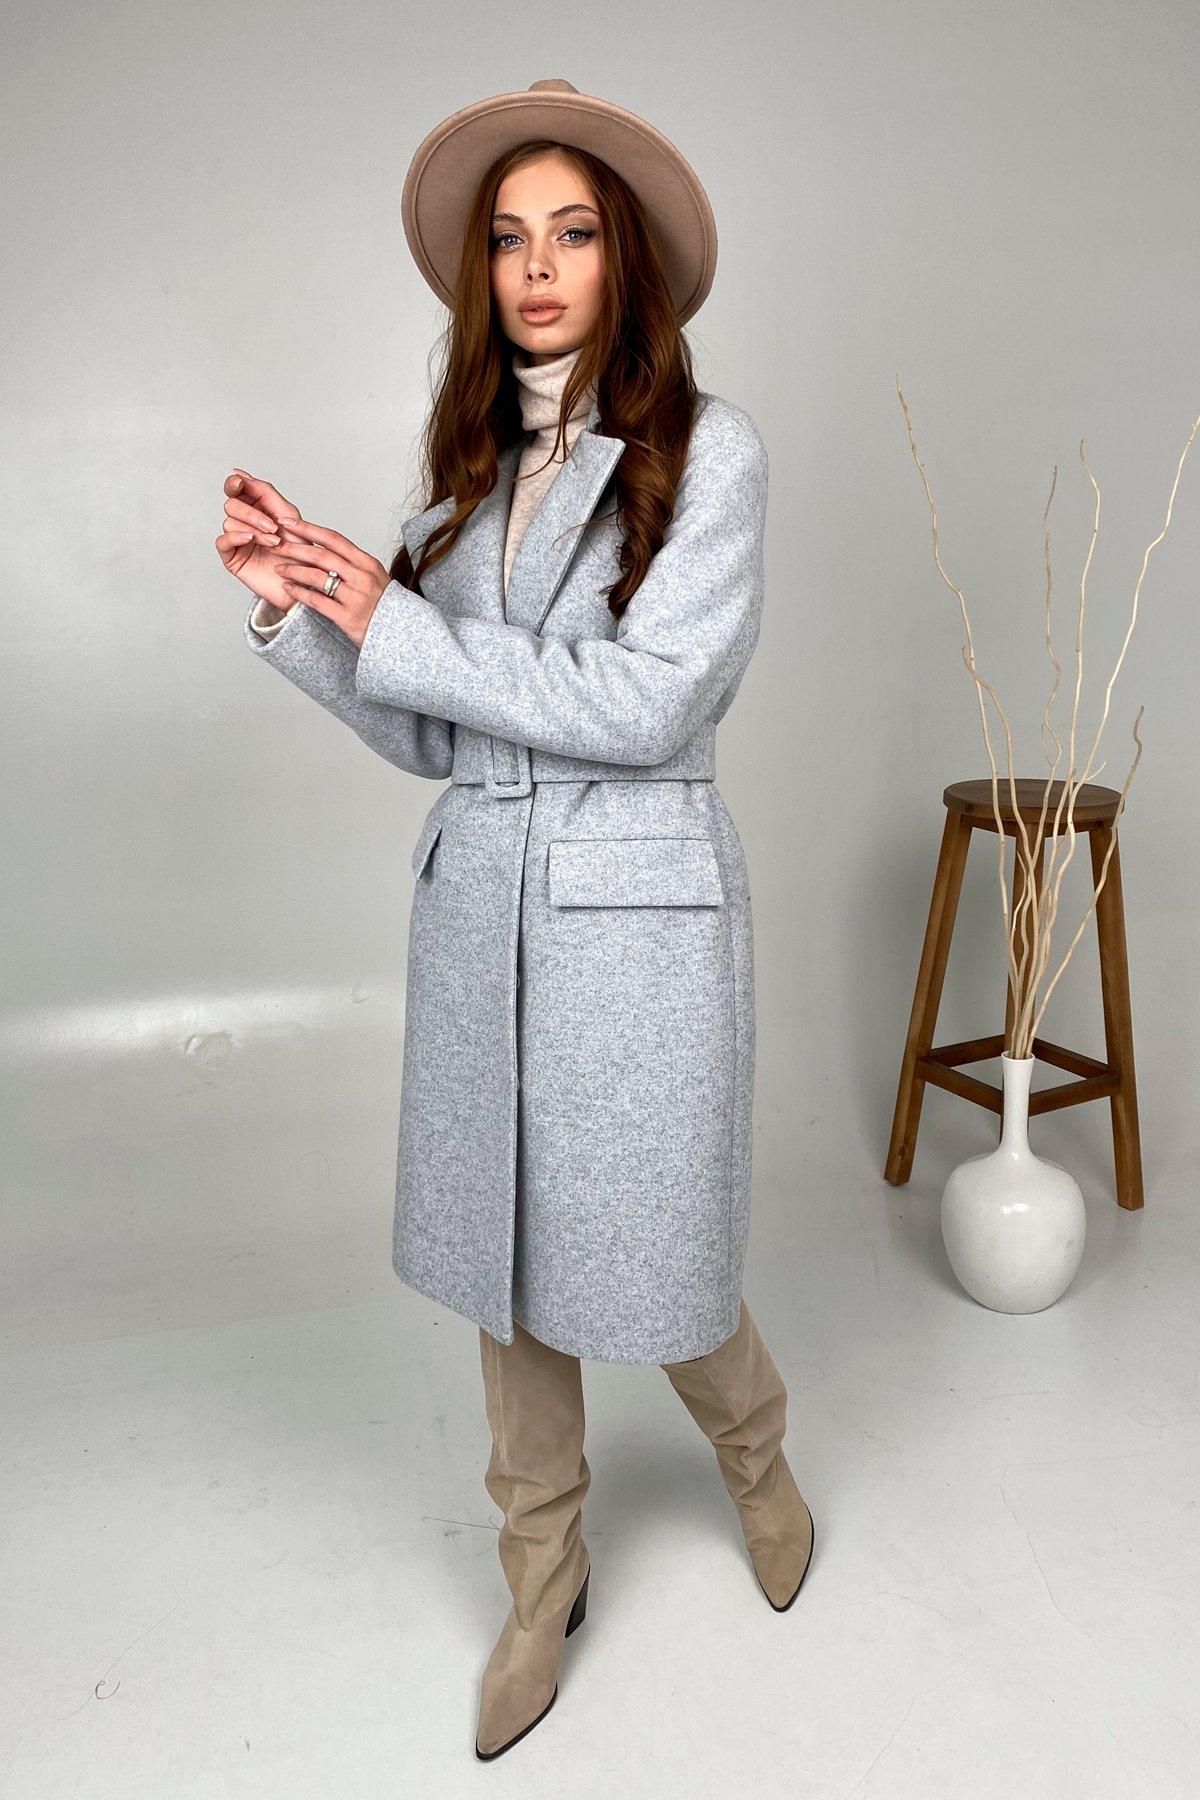 Зимнее пальто с отложным воротником Моле 8085 АРТ. 44035 Цвет: Серый Светлый 33 - фото 1, интернет магазин tm-modus.ru